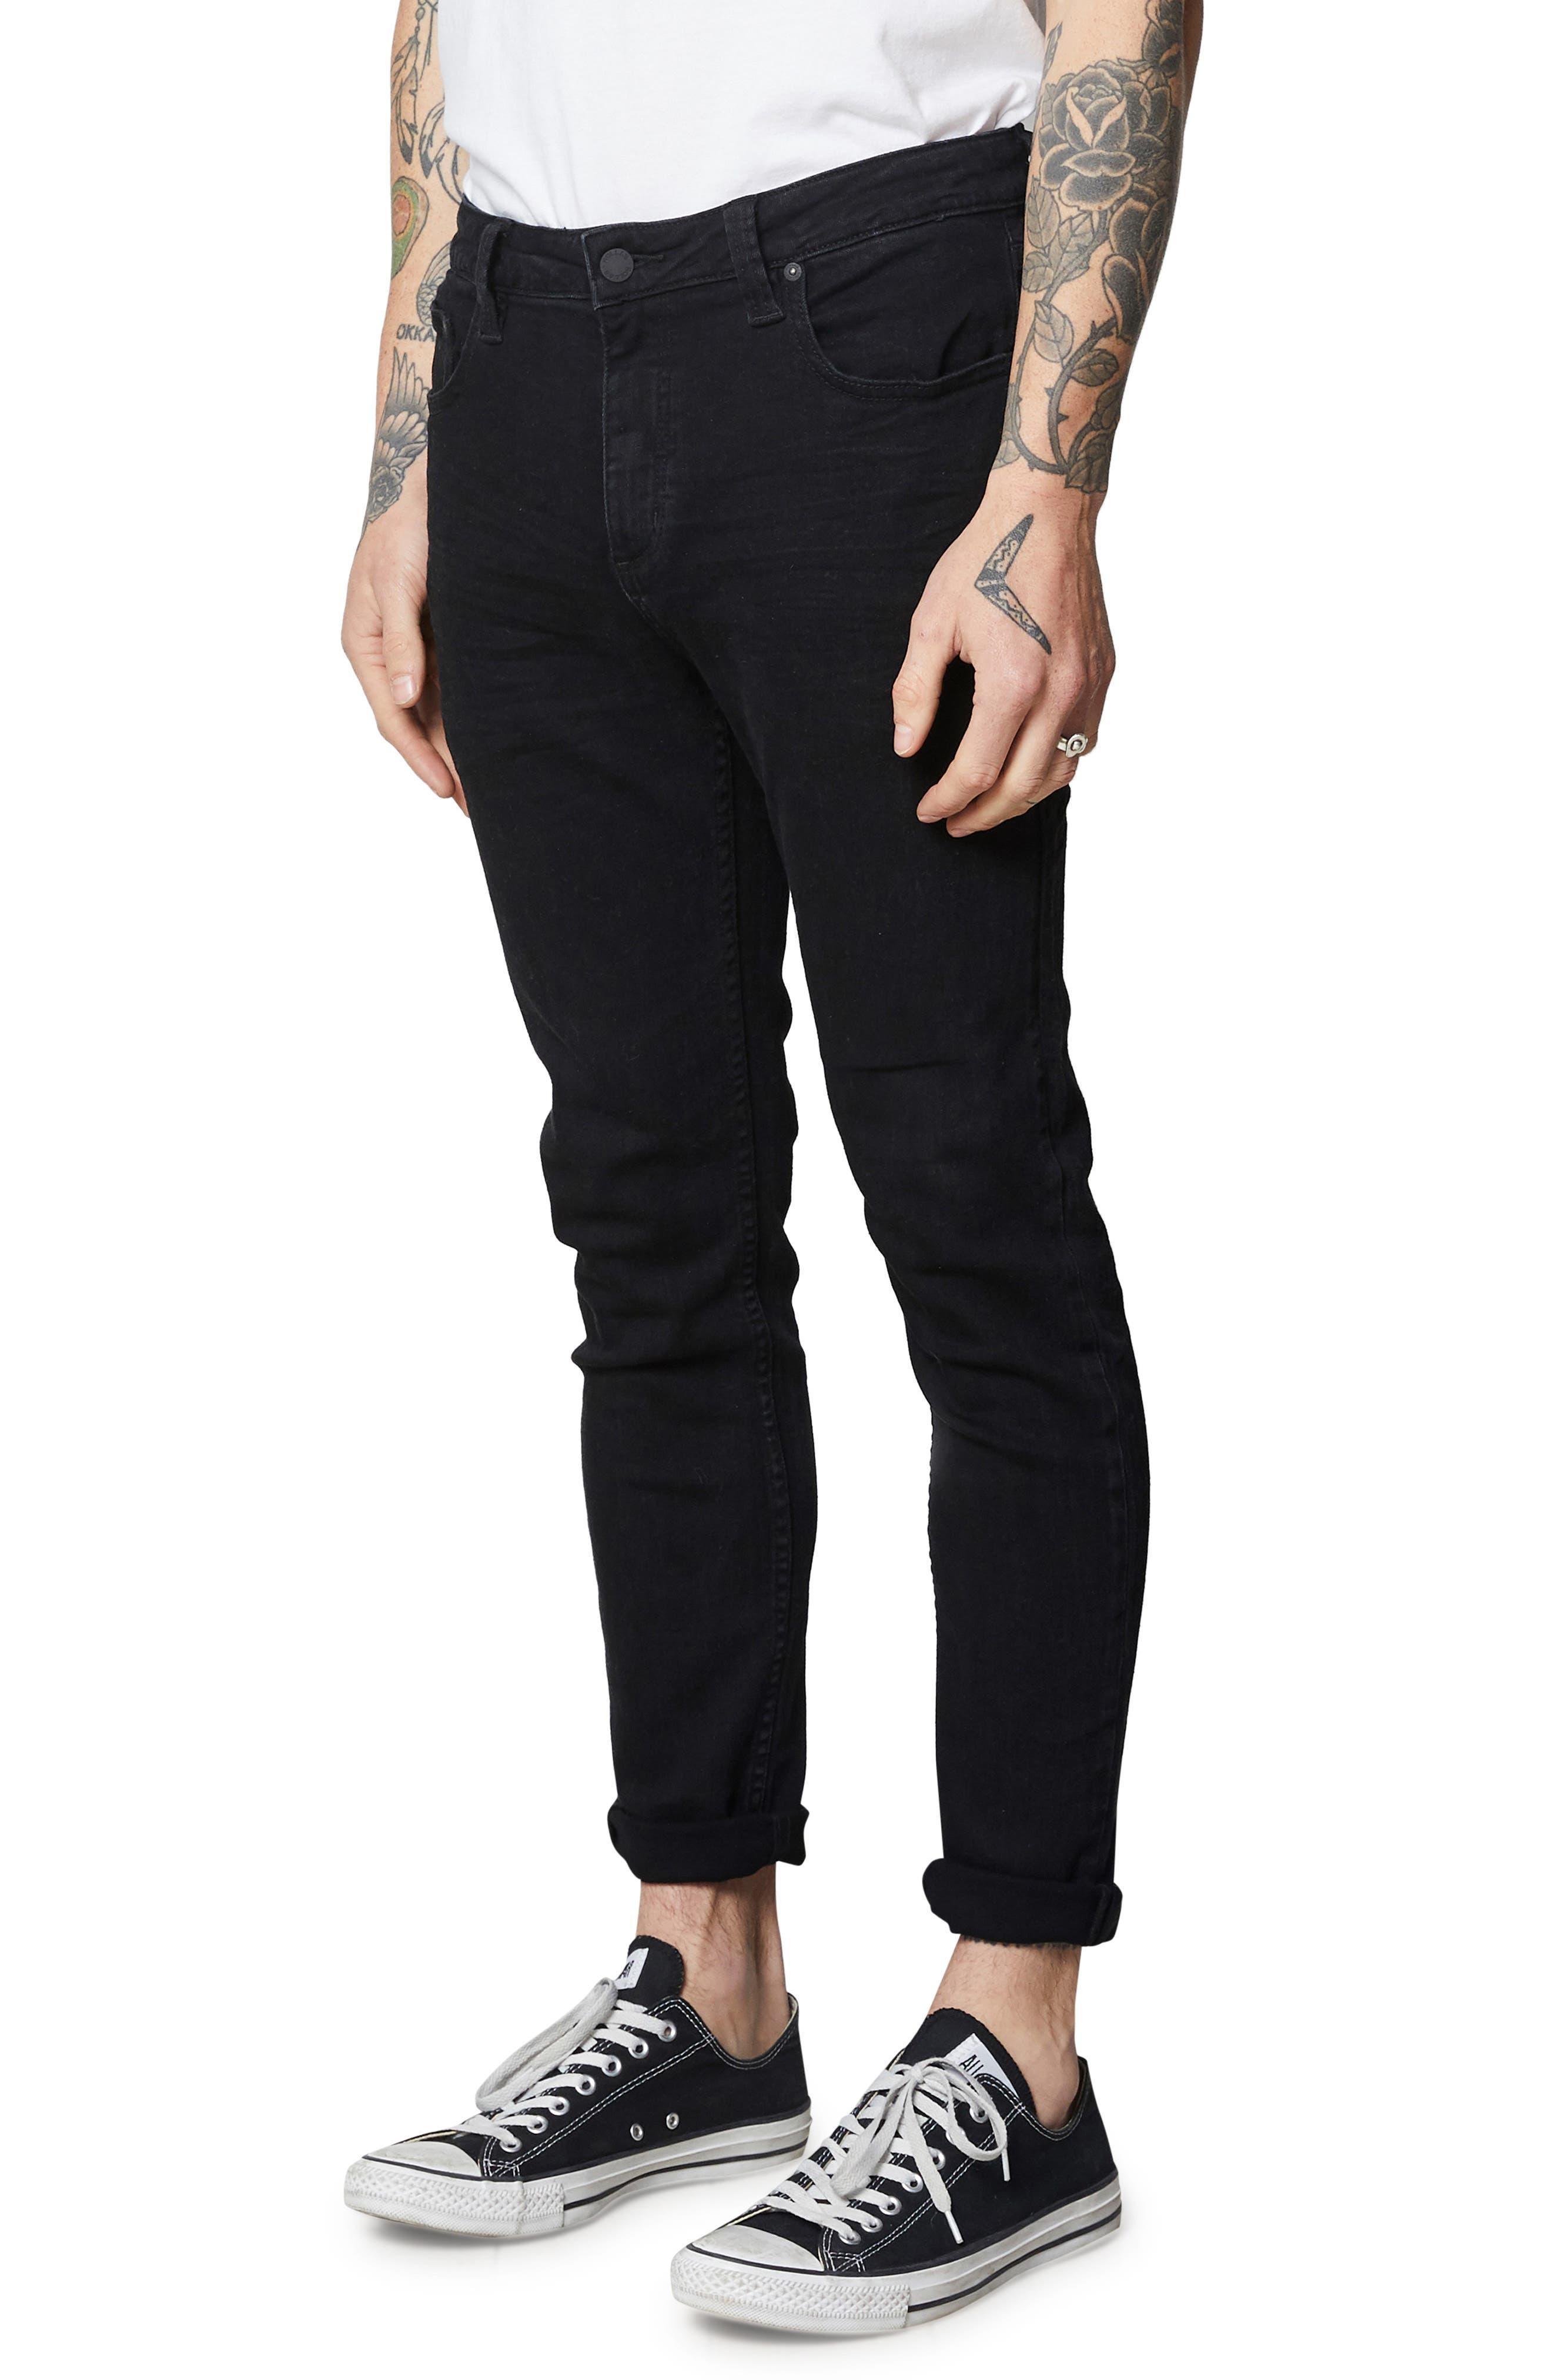 Rollies Slim Fit Jeans,                             Alternate thumbnail 3, color,                             BLACK RAVEN